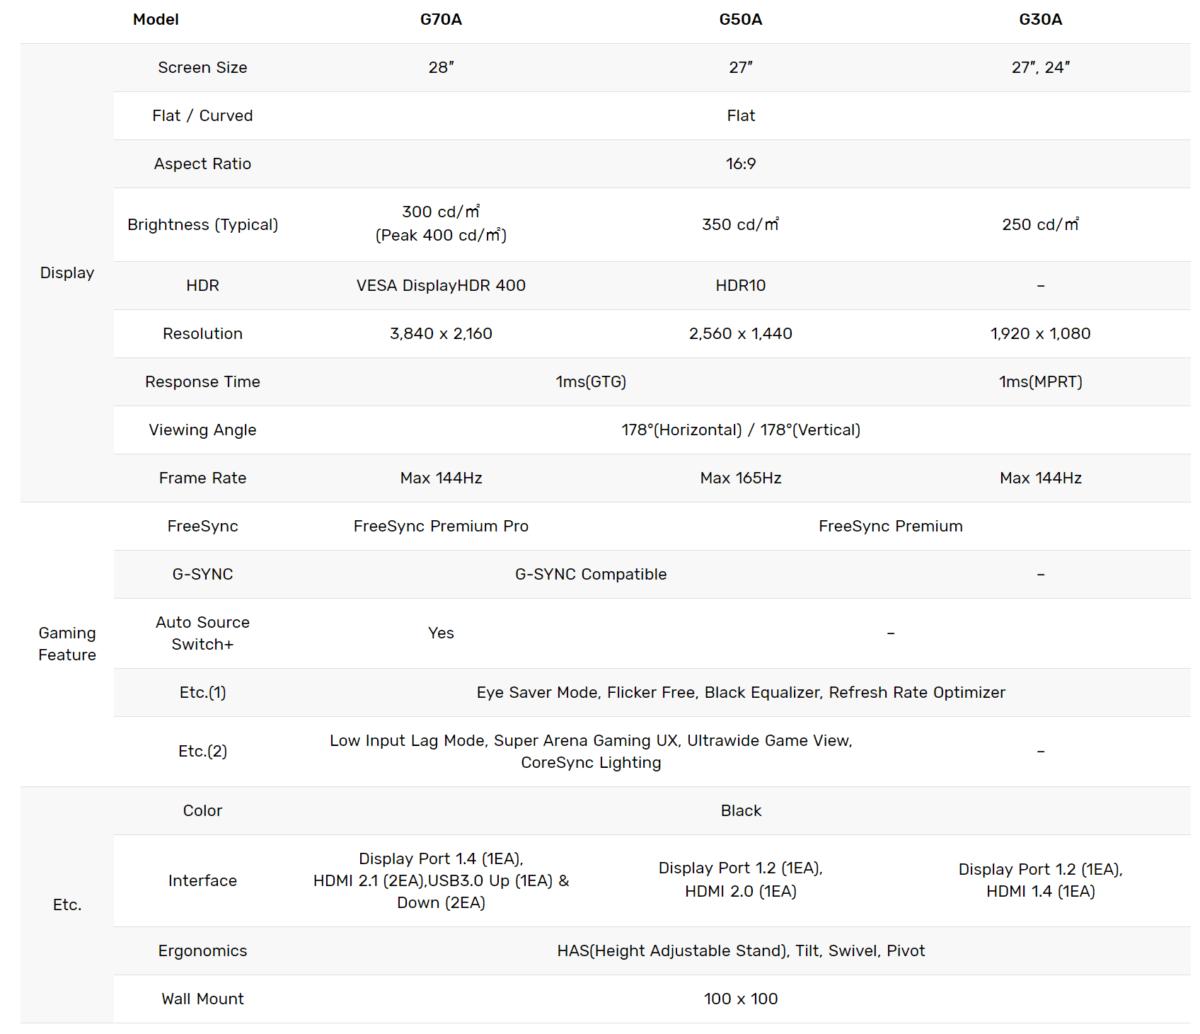 Samsung Odyssey G series 2021 spec list